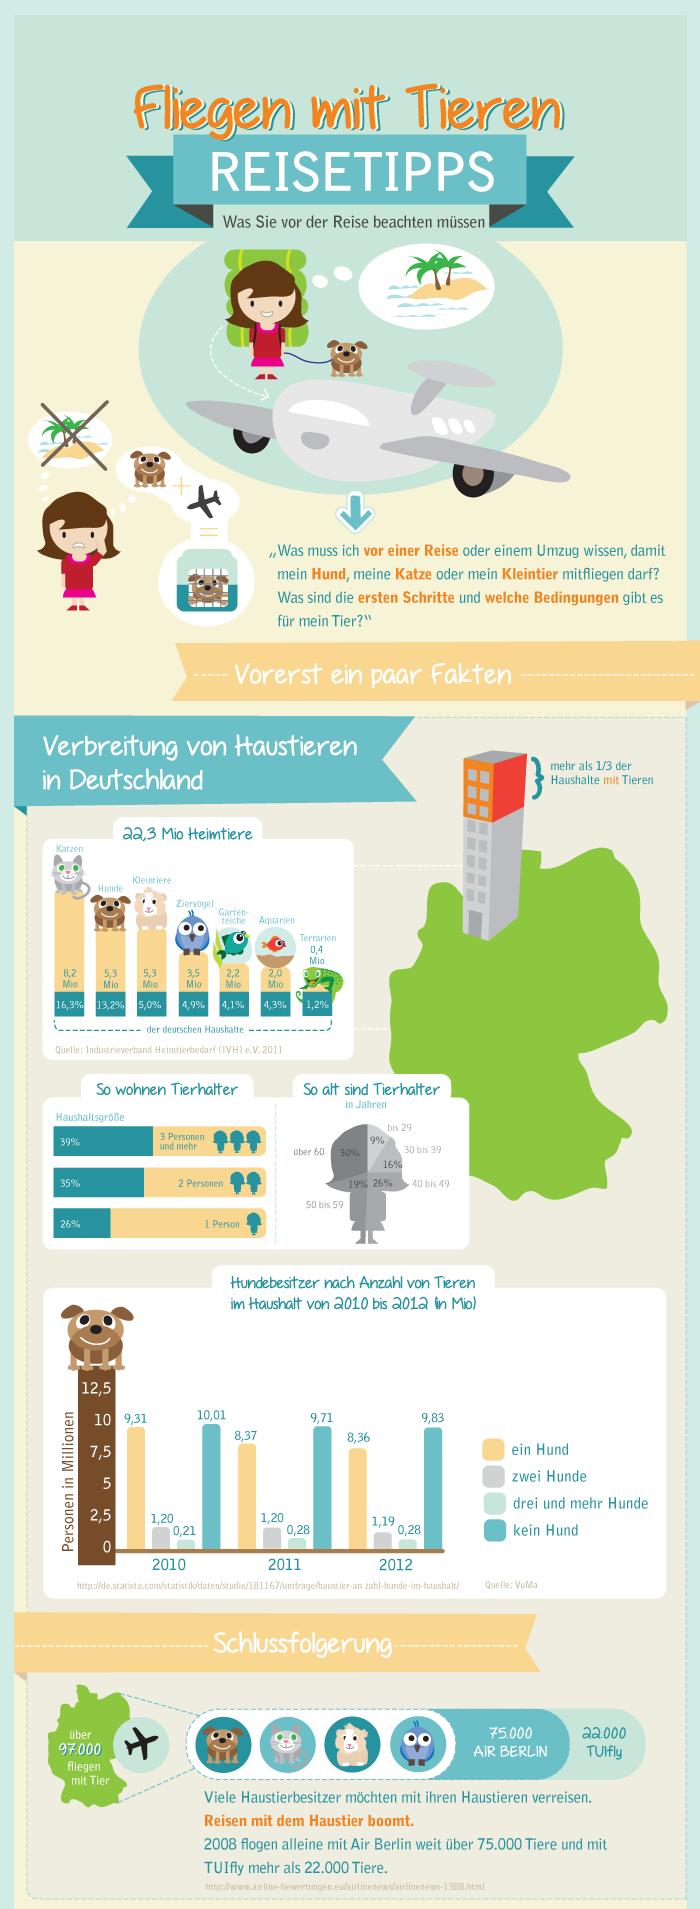 Mit dem Haustier auf Flugreise. KAYAK Infografik, Teil 1